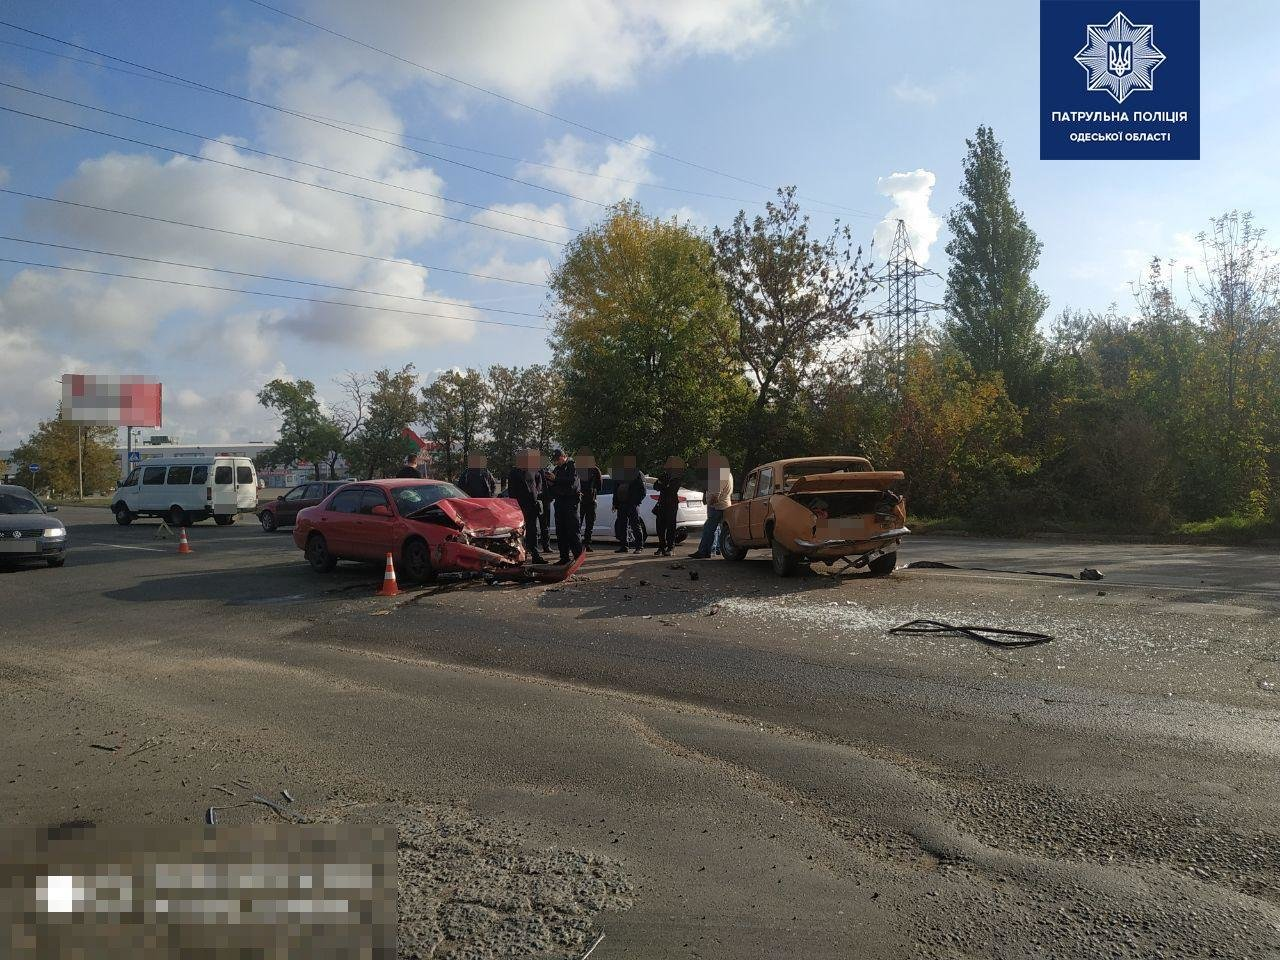 Под Одессой столкнулись Mazda и Жигули, есть пострадавшие, - ФОТО3